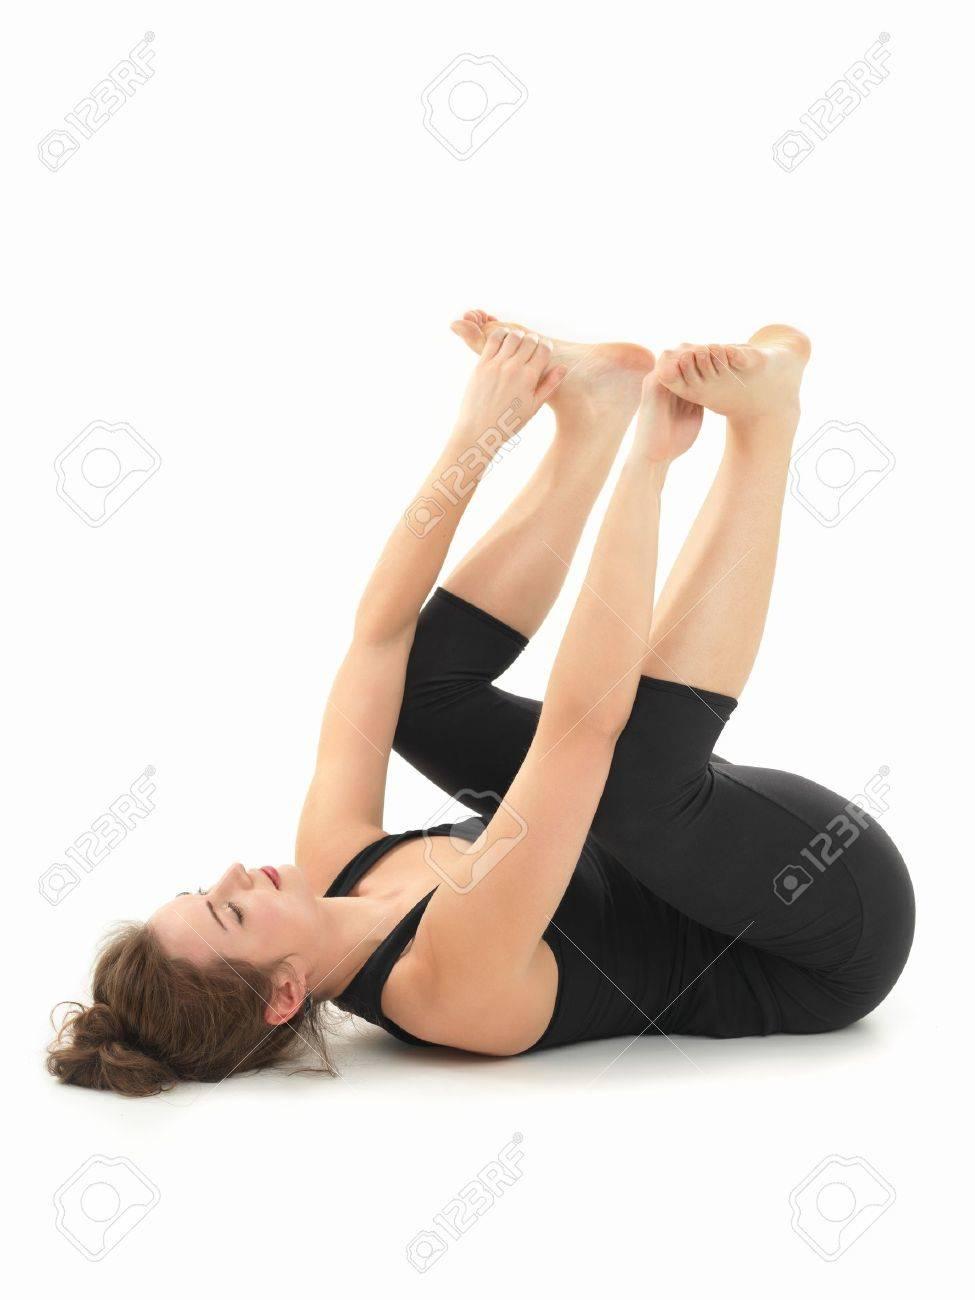 Banque d images - Jeune femme à pratiquer le yoga relaxation pose bd7b84ed819